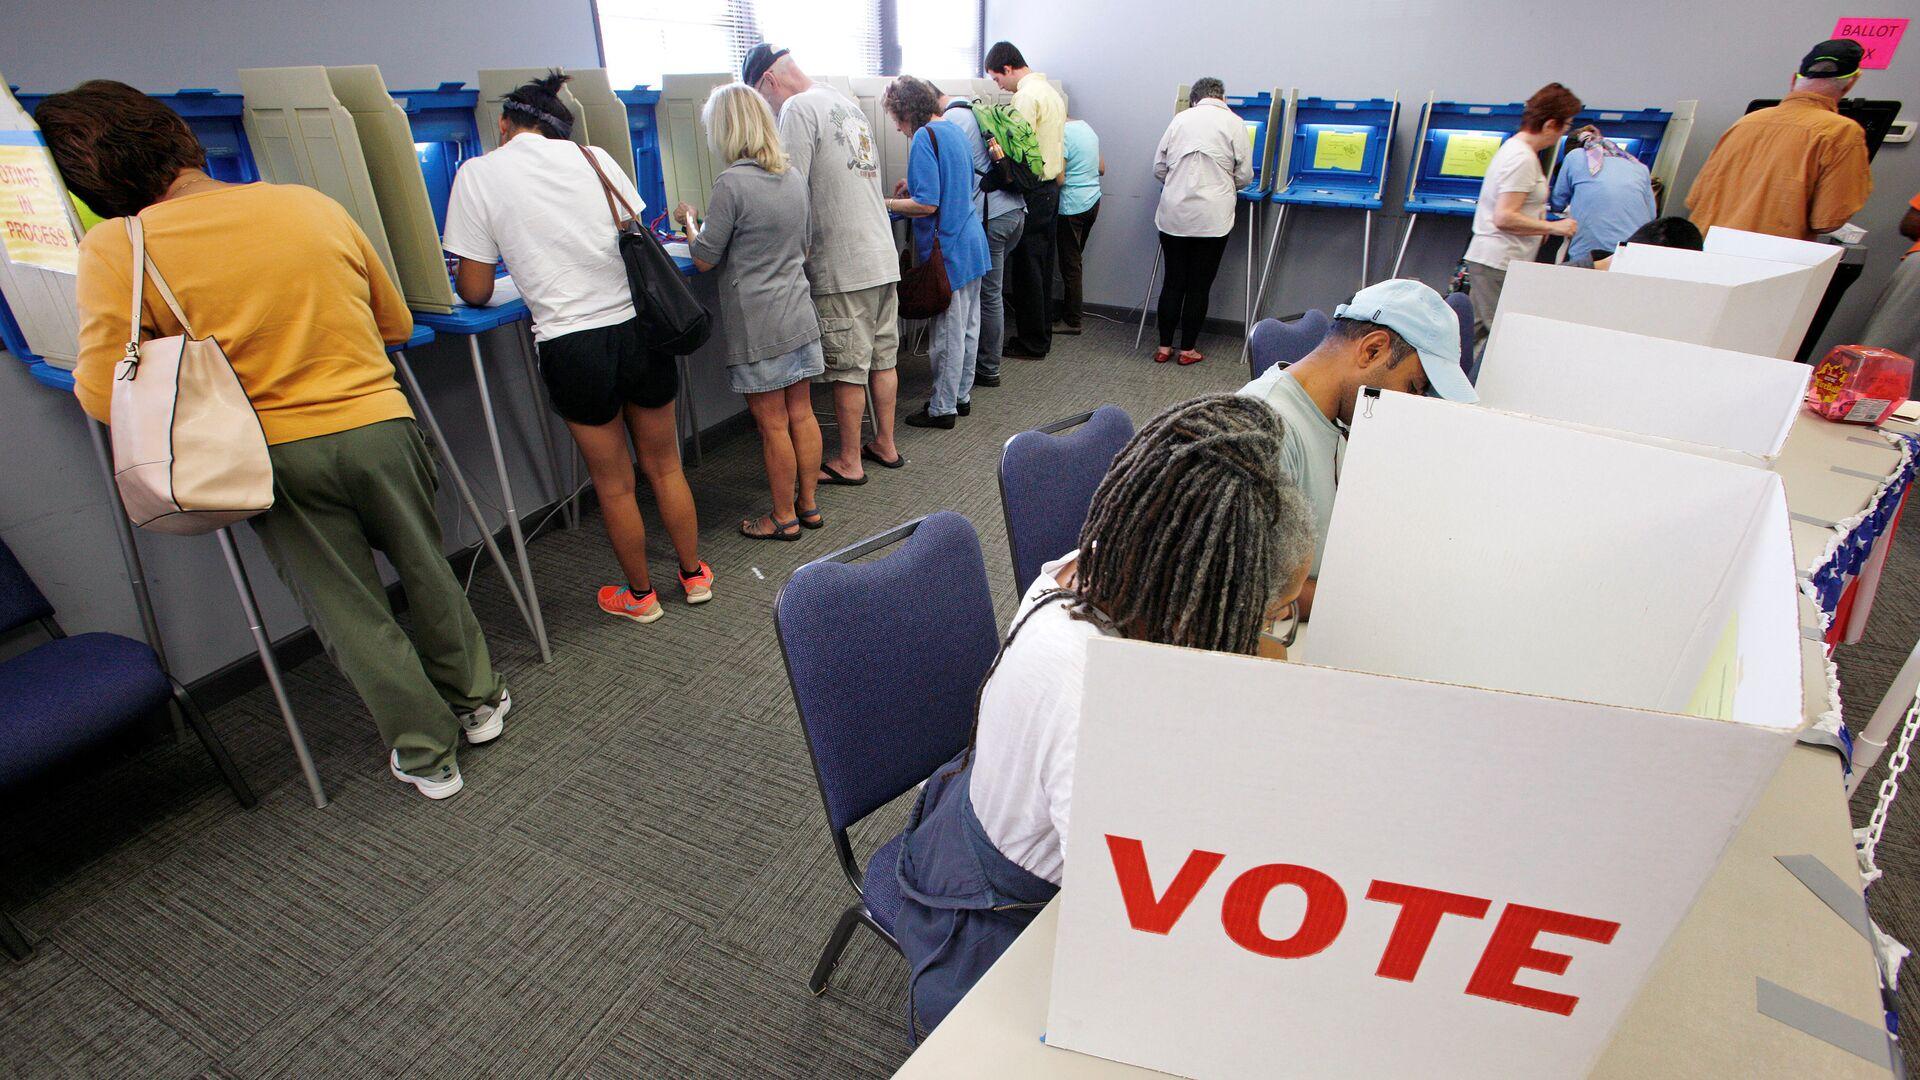 Voto in Carolina del Nord, USA. - Sputnik Italia, 1920, 09.07.2021